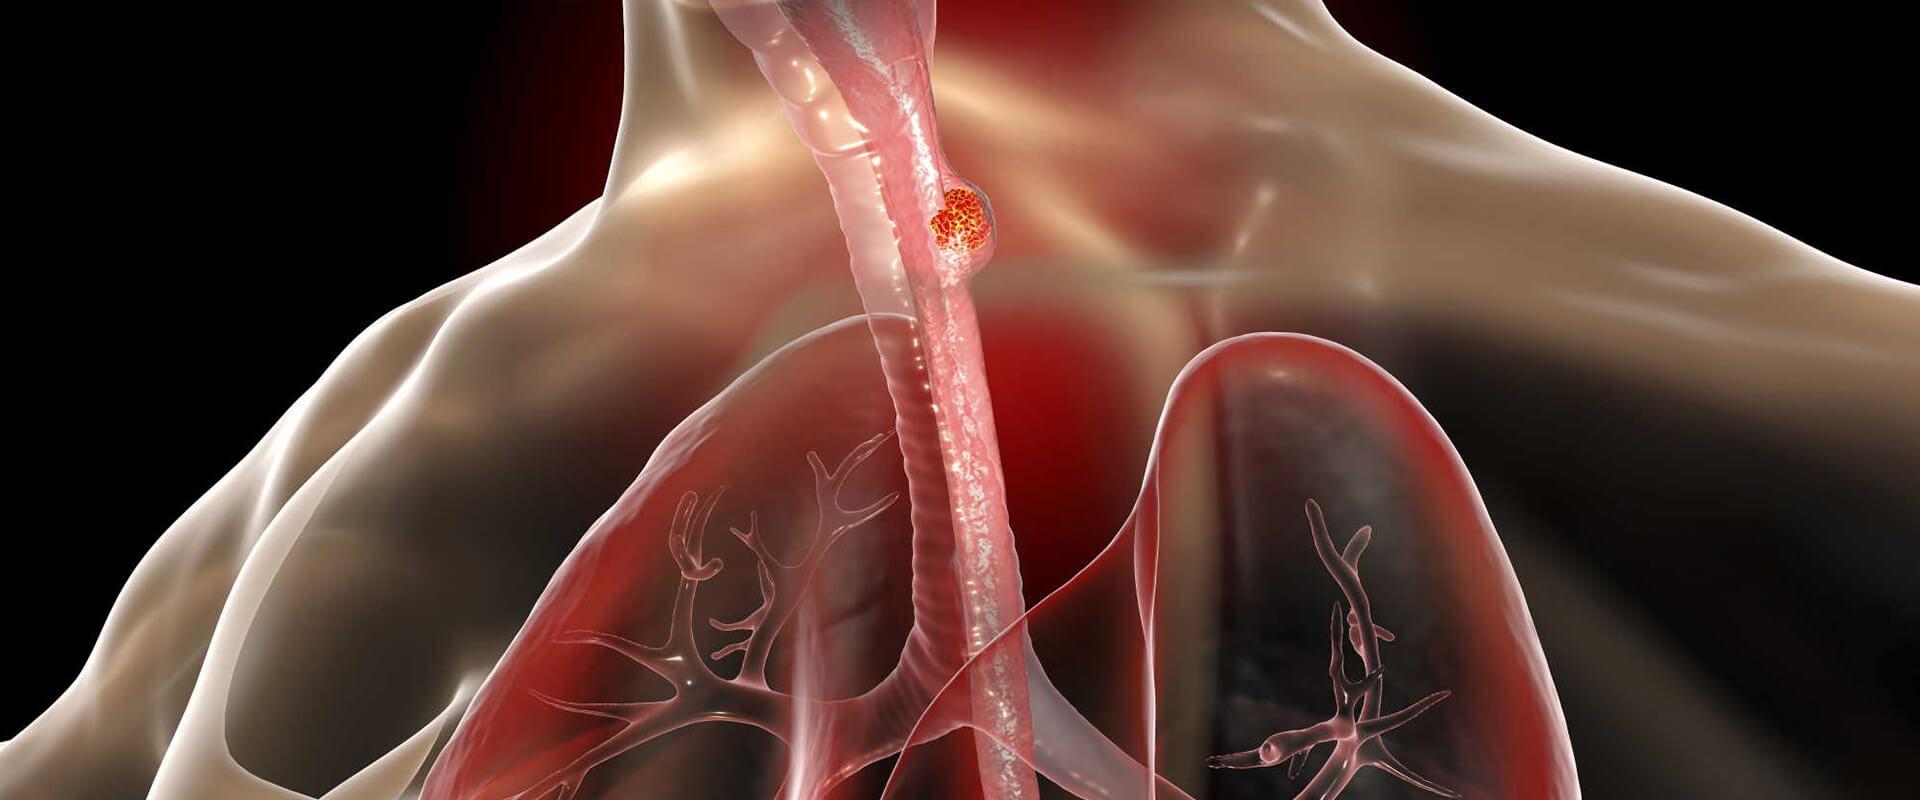 Câncer de esôfago - Dr. Valter Alvarenga